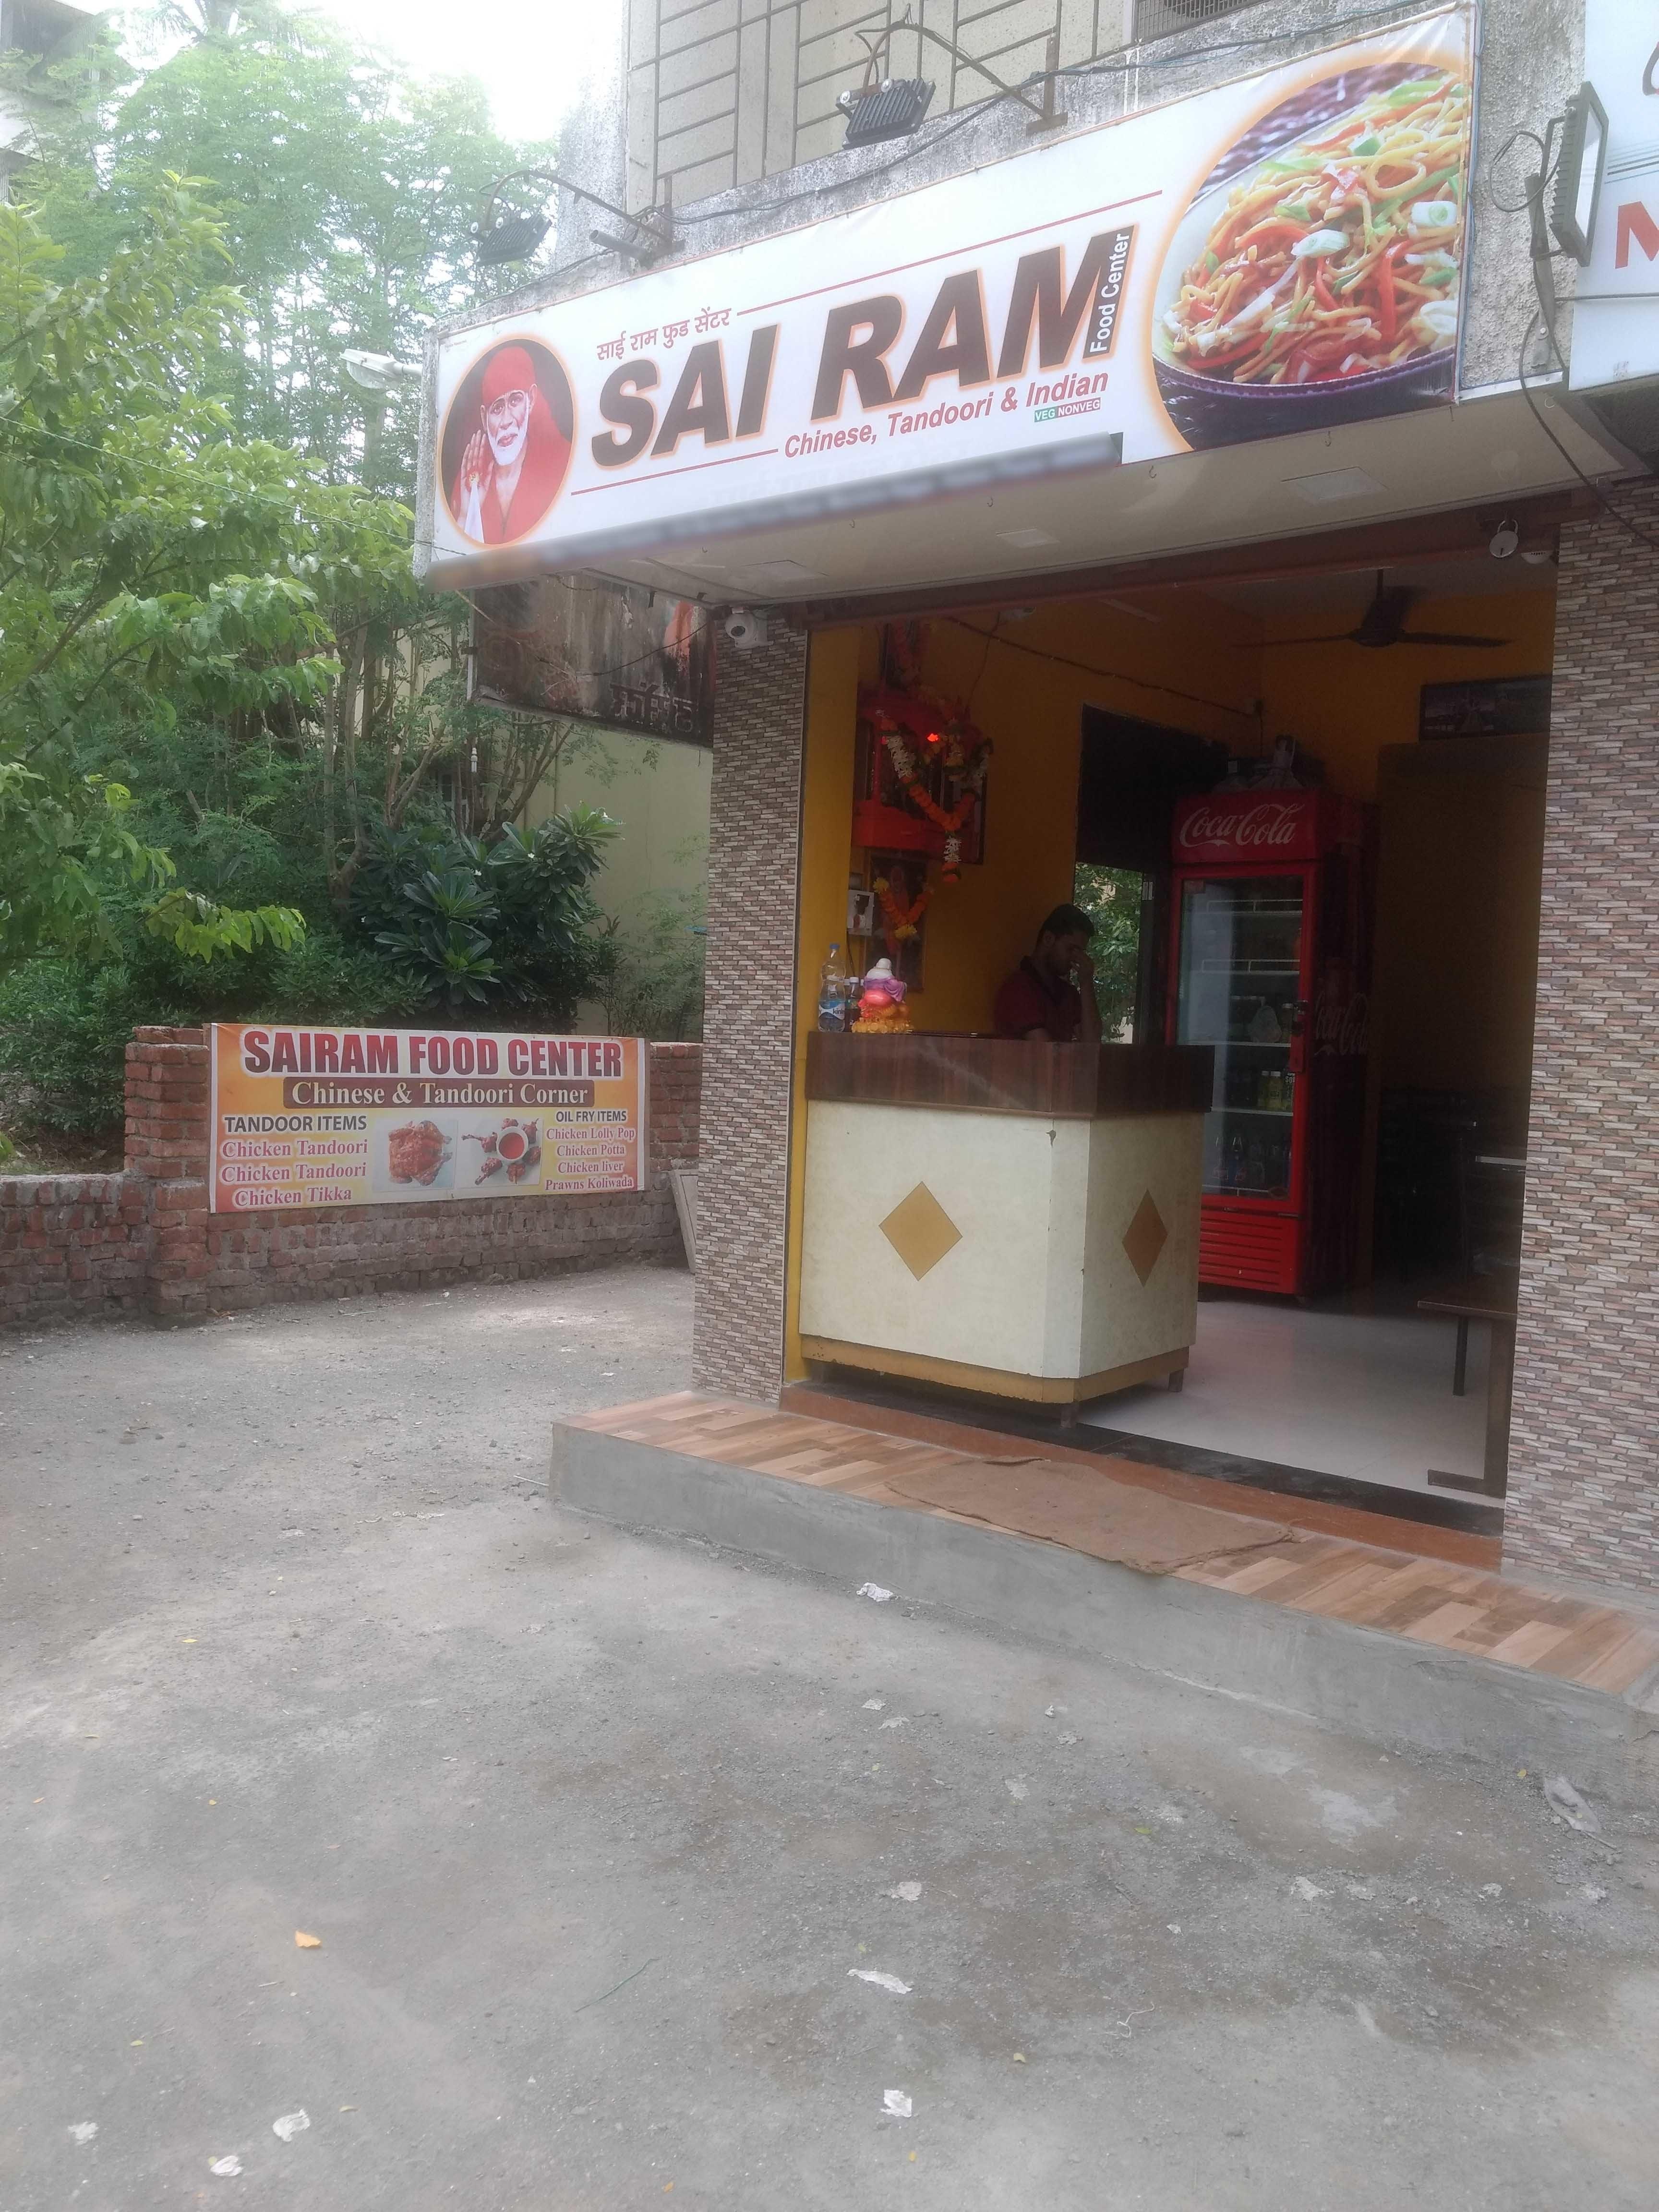 Hotel Sairam Food Center - Kalwa - Thane Image